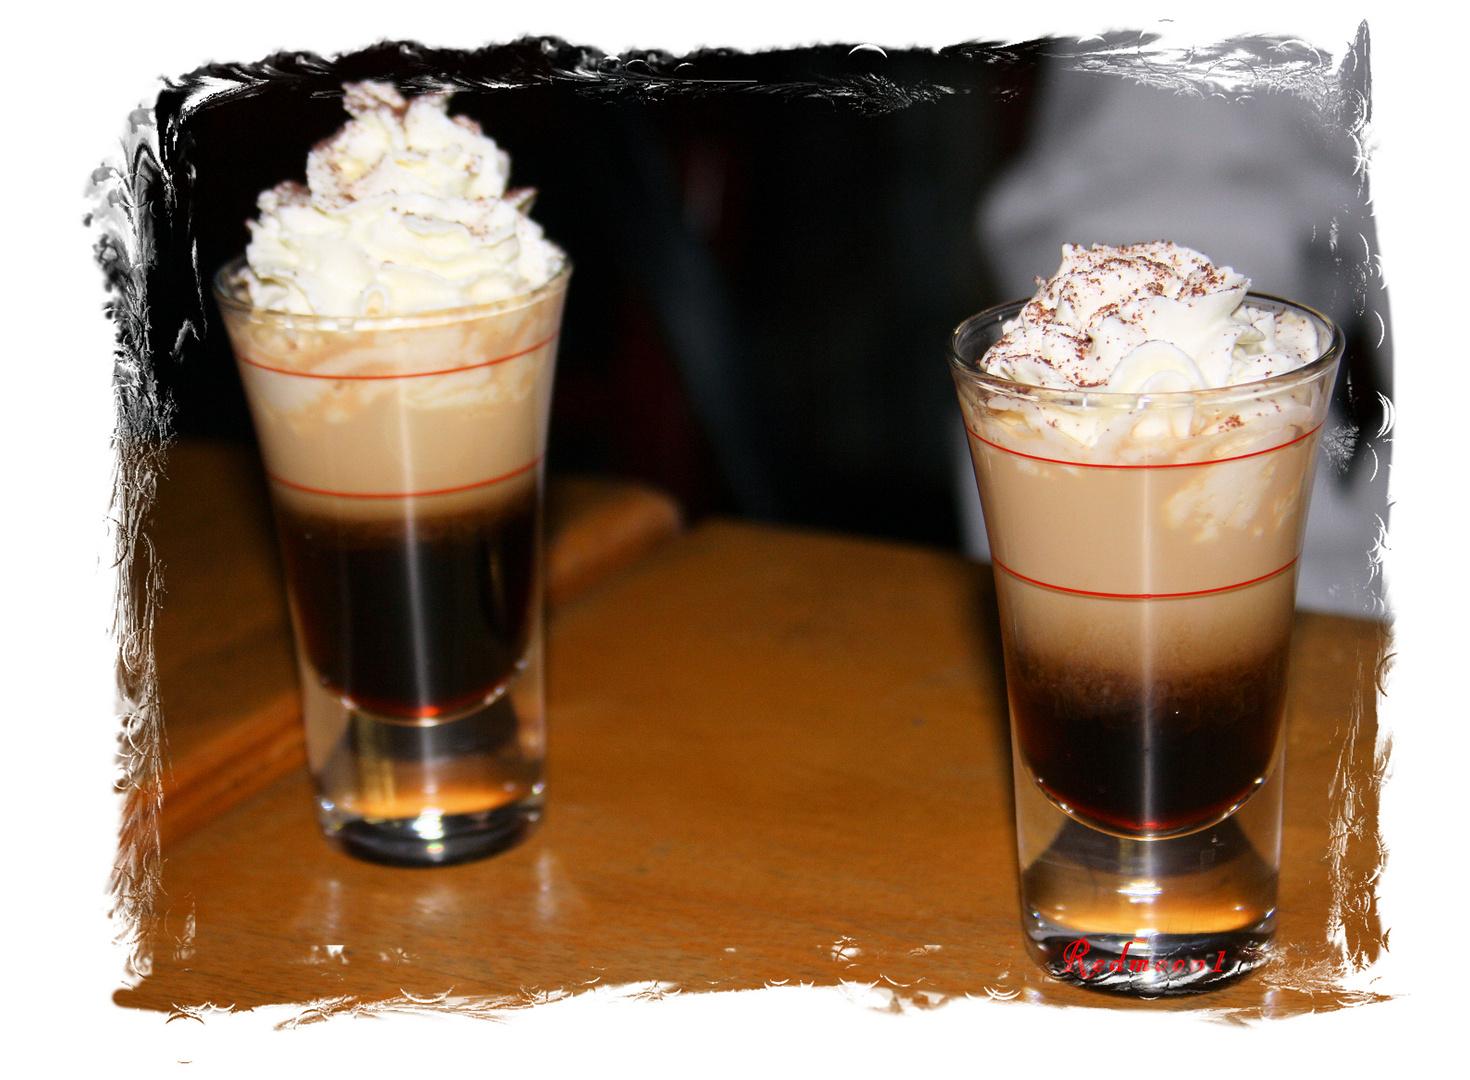 & Jetzt auf Ex trinken! ;0))) ....